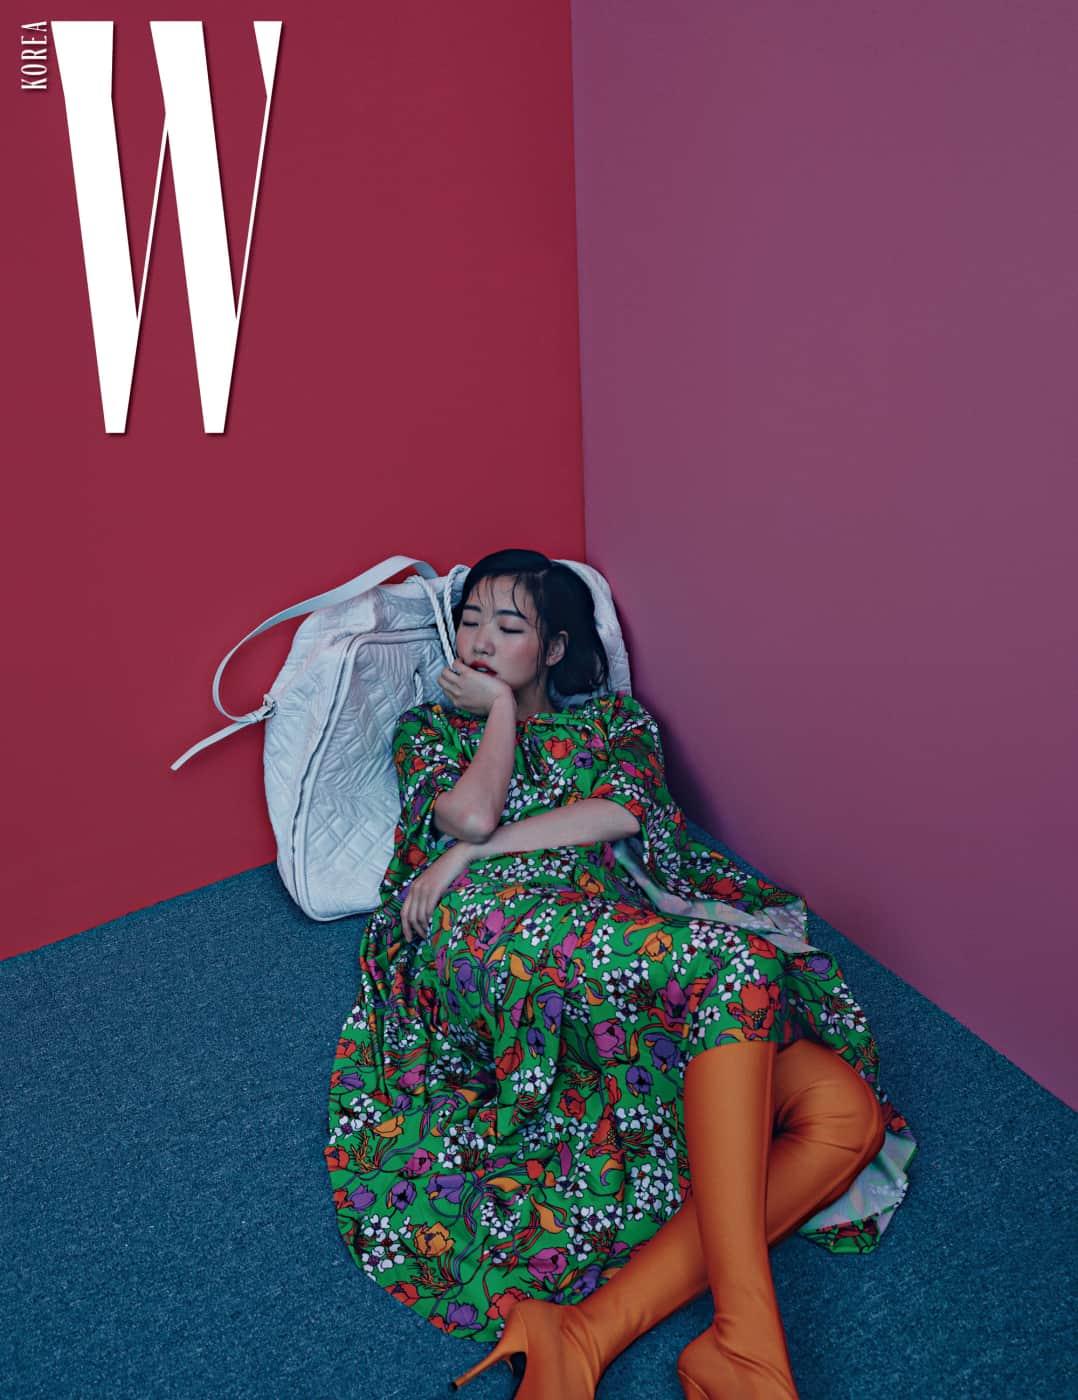 풍성한 볼륨감과 꽃무늬가 돋보이는 가스펠 드레스와 주황색 스판덱스 소재 부츠, 흰색의 자이언트 블랭킷 백(Blanket Bag)은 모두 Balenciaga 제품.